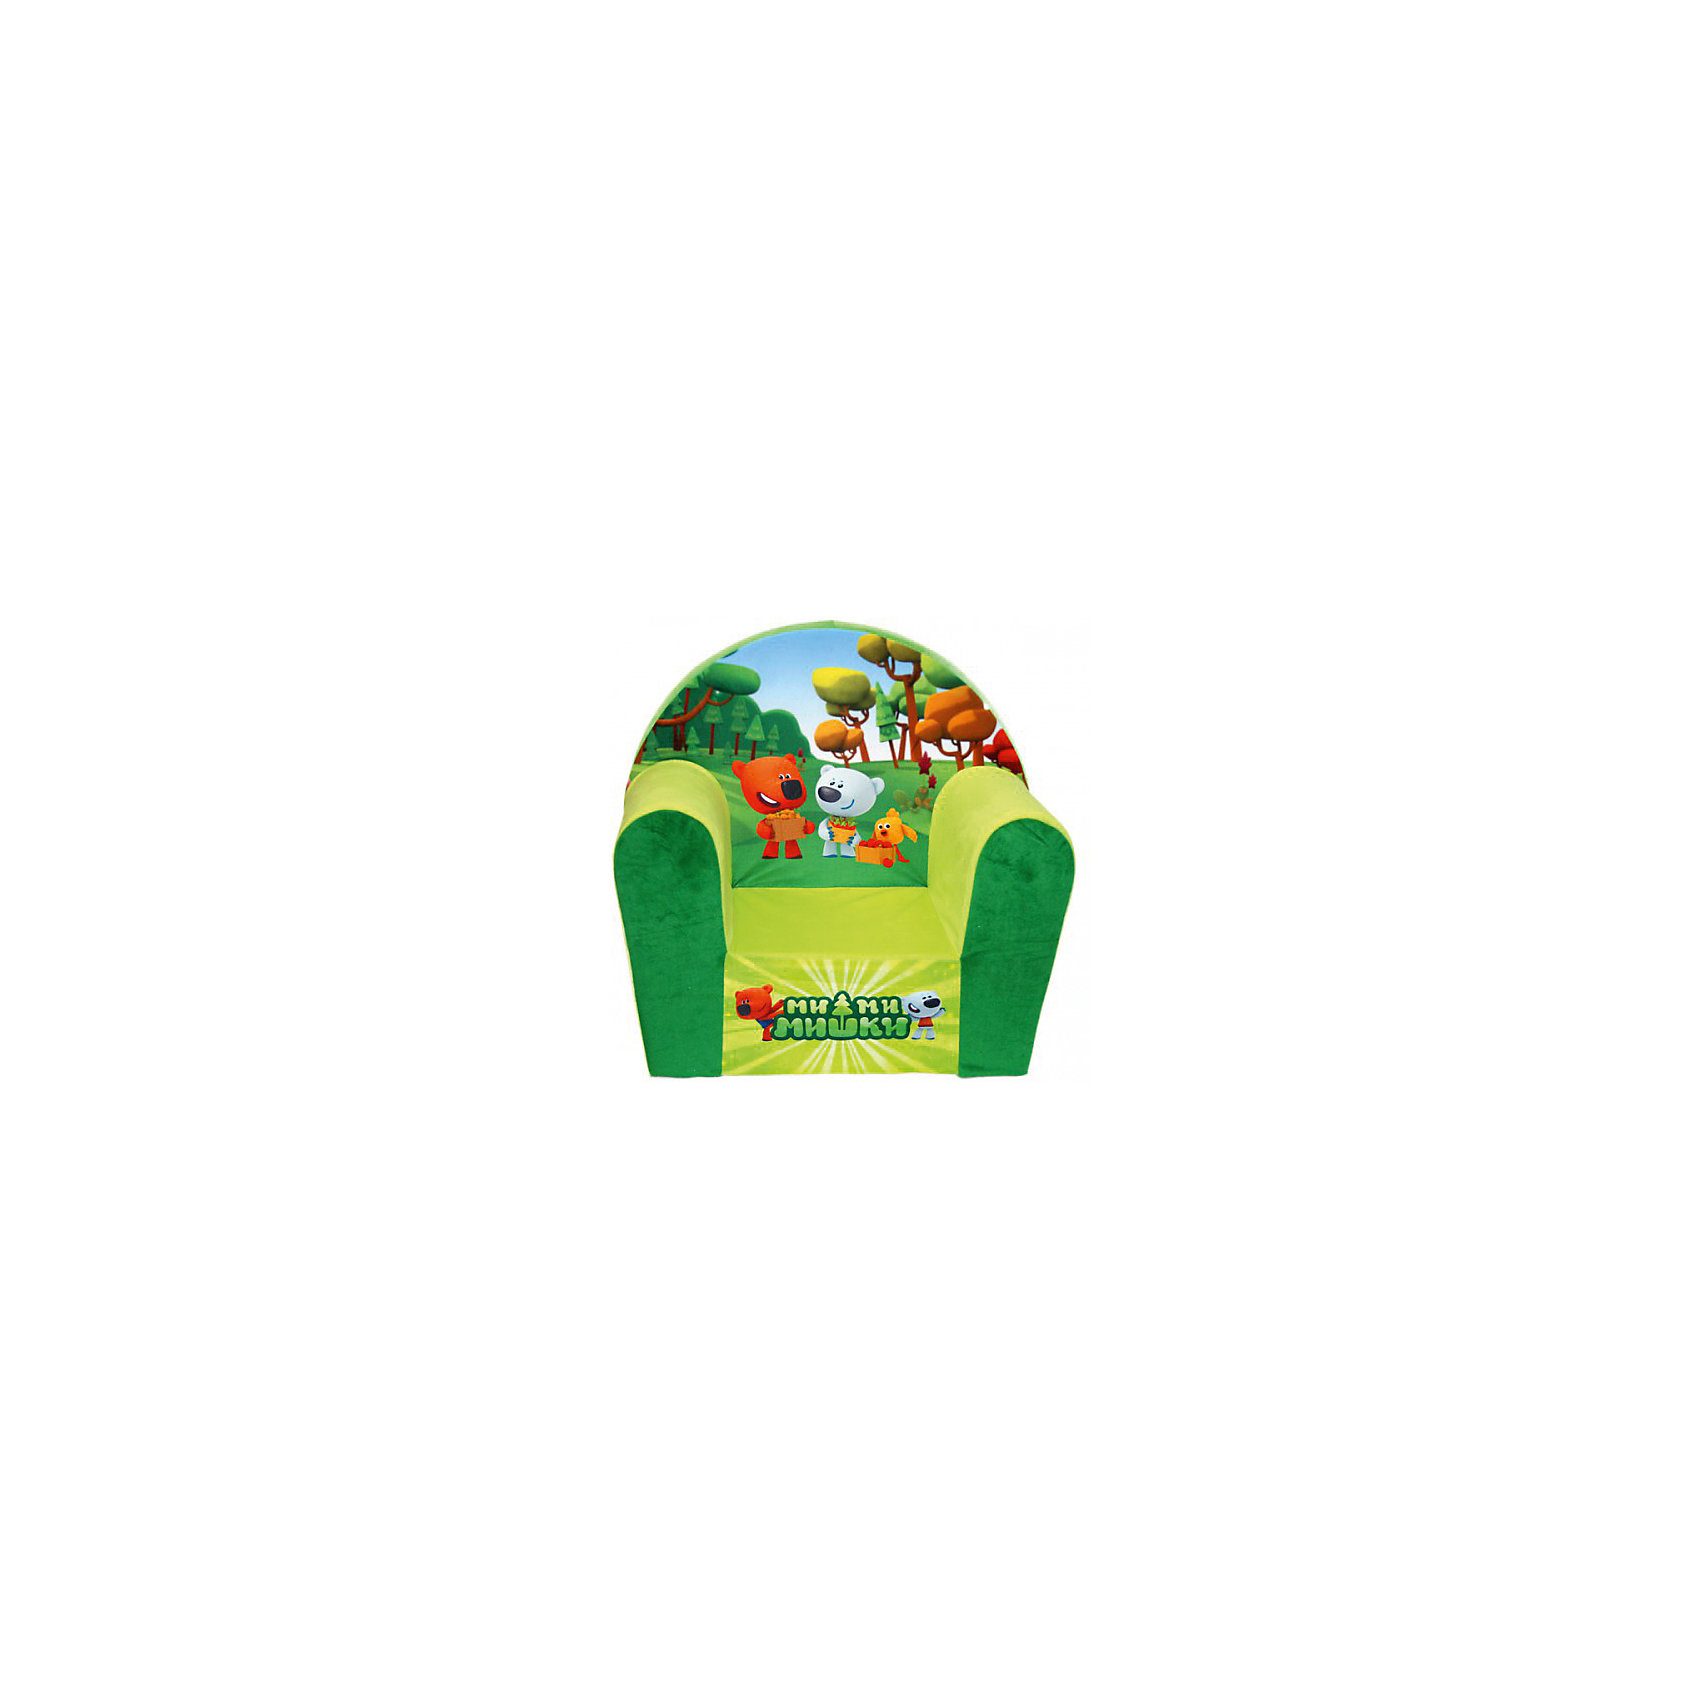 Мягкое кресло Ми-ми-мишки в50, СмолТойс, желтый  тумбочка для кукол своими руками